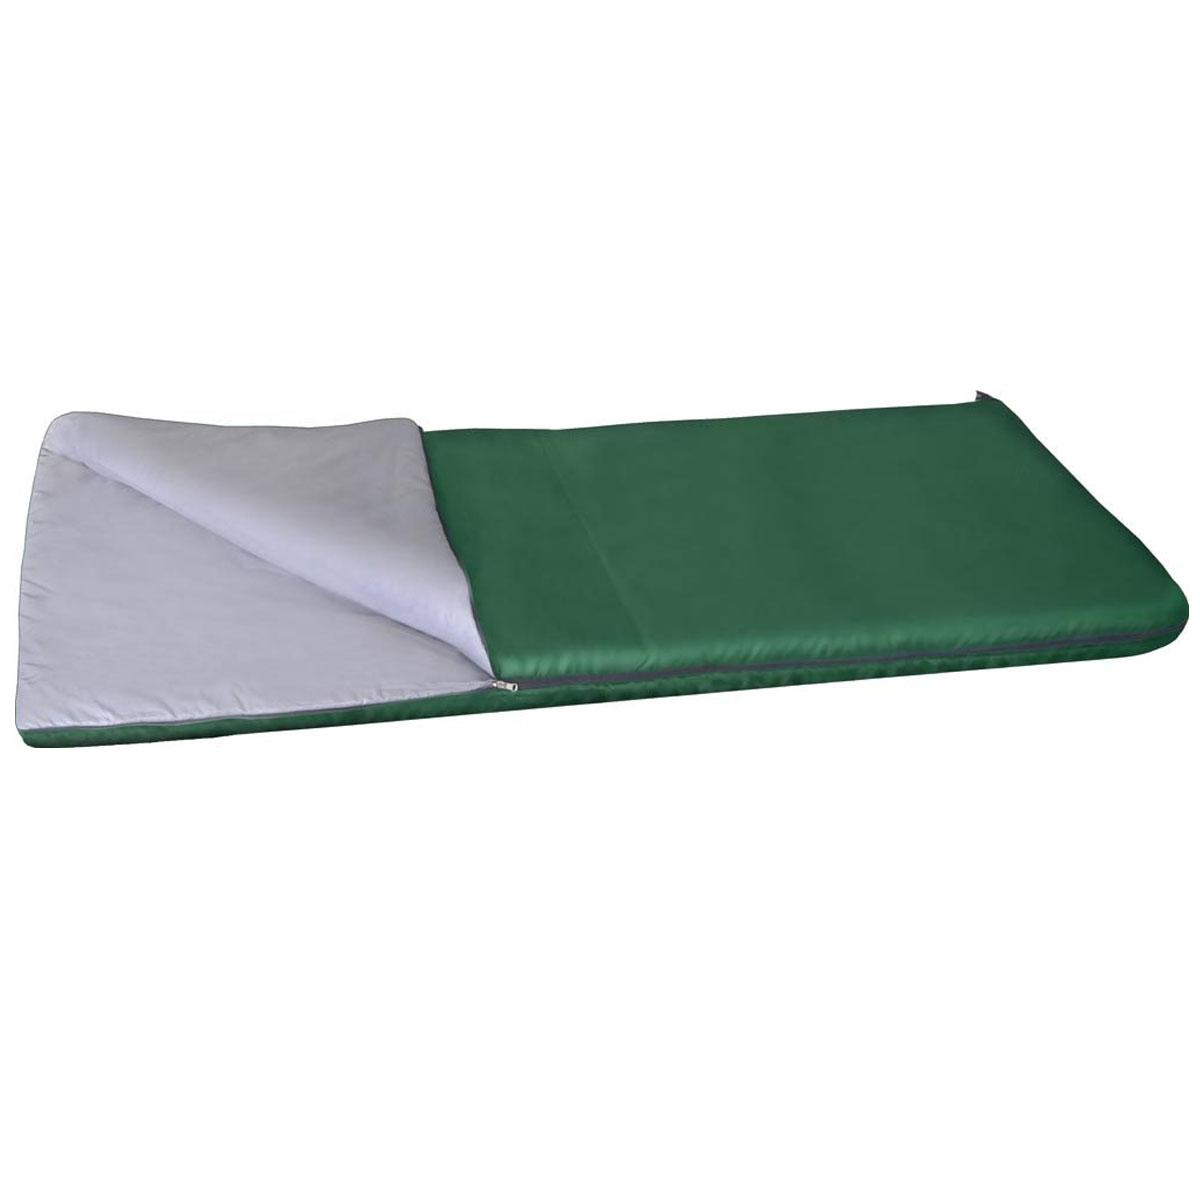 Спальный мешок Alaska Одеяло +20 °С, цвет: зеленый, левосторонняя молния. 95216-302-0095216-302-00Отличный спальный мешок-одеяло для использования летом. Одеяло отлично согревает летней ночью и обеспечивает достаточный комфорт и уют. В материалах спальника используется надежный и проверенный временем утеплитель Thermofibre. С помощью специальной молнии можно скреплять два спальника вместе. Также имеется две петли для сушки и проветривания. Этот супер недорогой спальник станет отличным выбором для тех кто имеет ограничение по финансам, или у кого просто нет нужды тратить лишние деньги за дополнительные и не нужные ему навороты. Благодаря простоте конструкции, спальные мешки легко превращаются в двух спальные одеяла, которые можно использовать не только на природе, но и на даче. Разъемная молния позволяет соединять два мешка вместе, увеличивая объем в двое. Приезд гостей не застанет вас врасплох, так как у вас в запасе всегда будет для них прекрасные одеяла. Утеплитель: Термофайбер. Ткань верха: Политафета 170Т. Внутренняя ткань: Политафета...